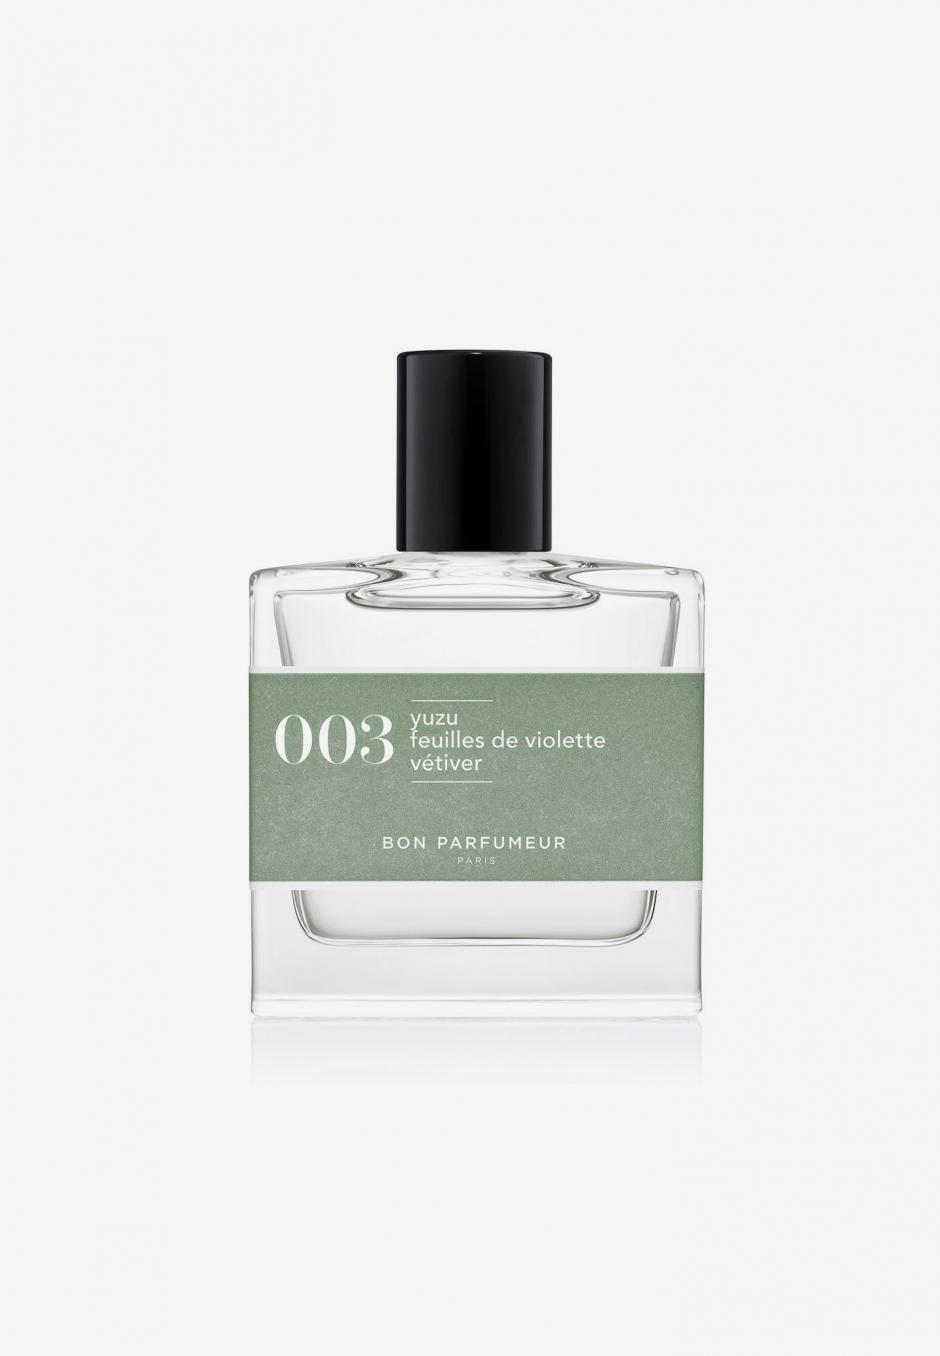 Bon Parfumeur EdP 003: yuzu/violet leaves/vetiver 30ml